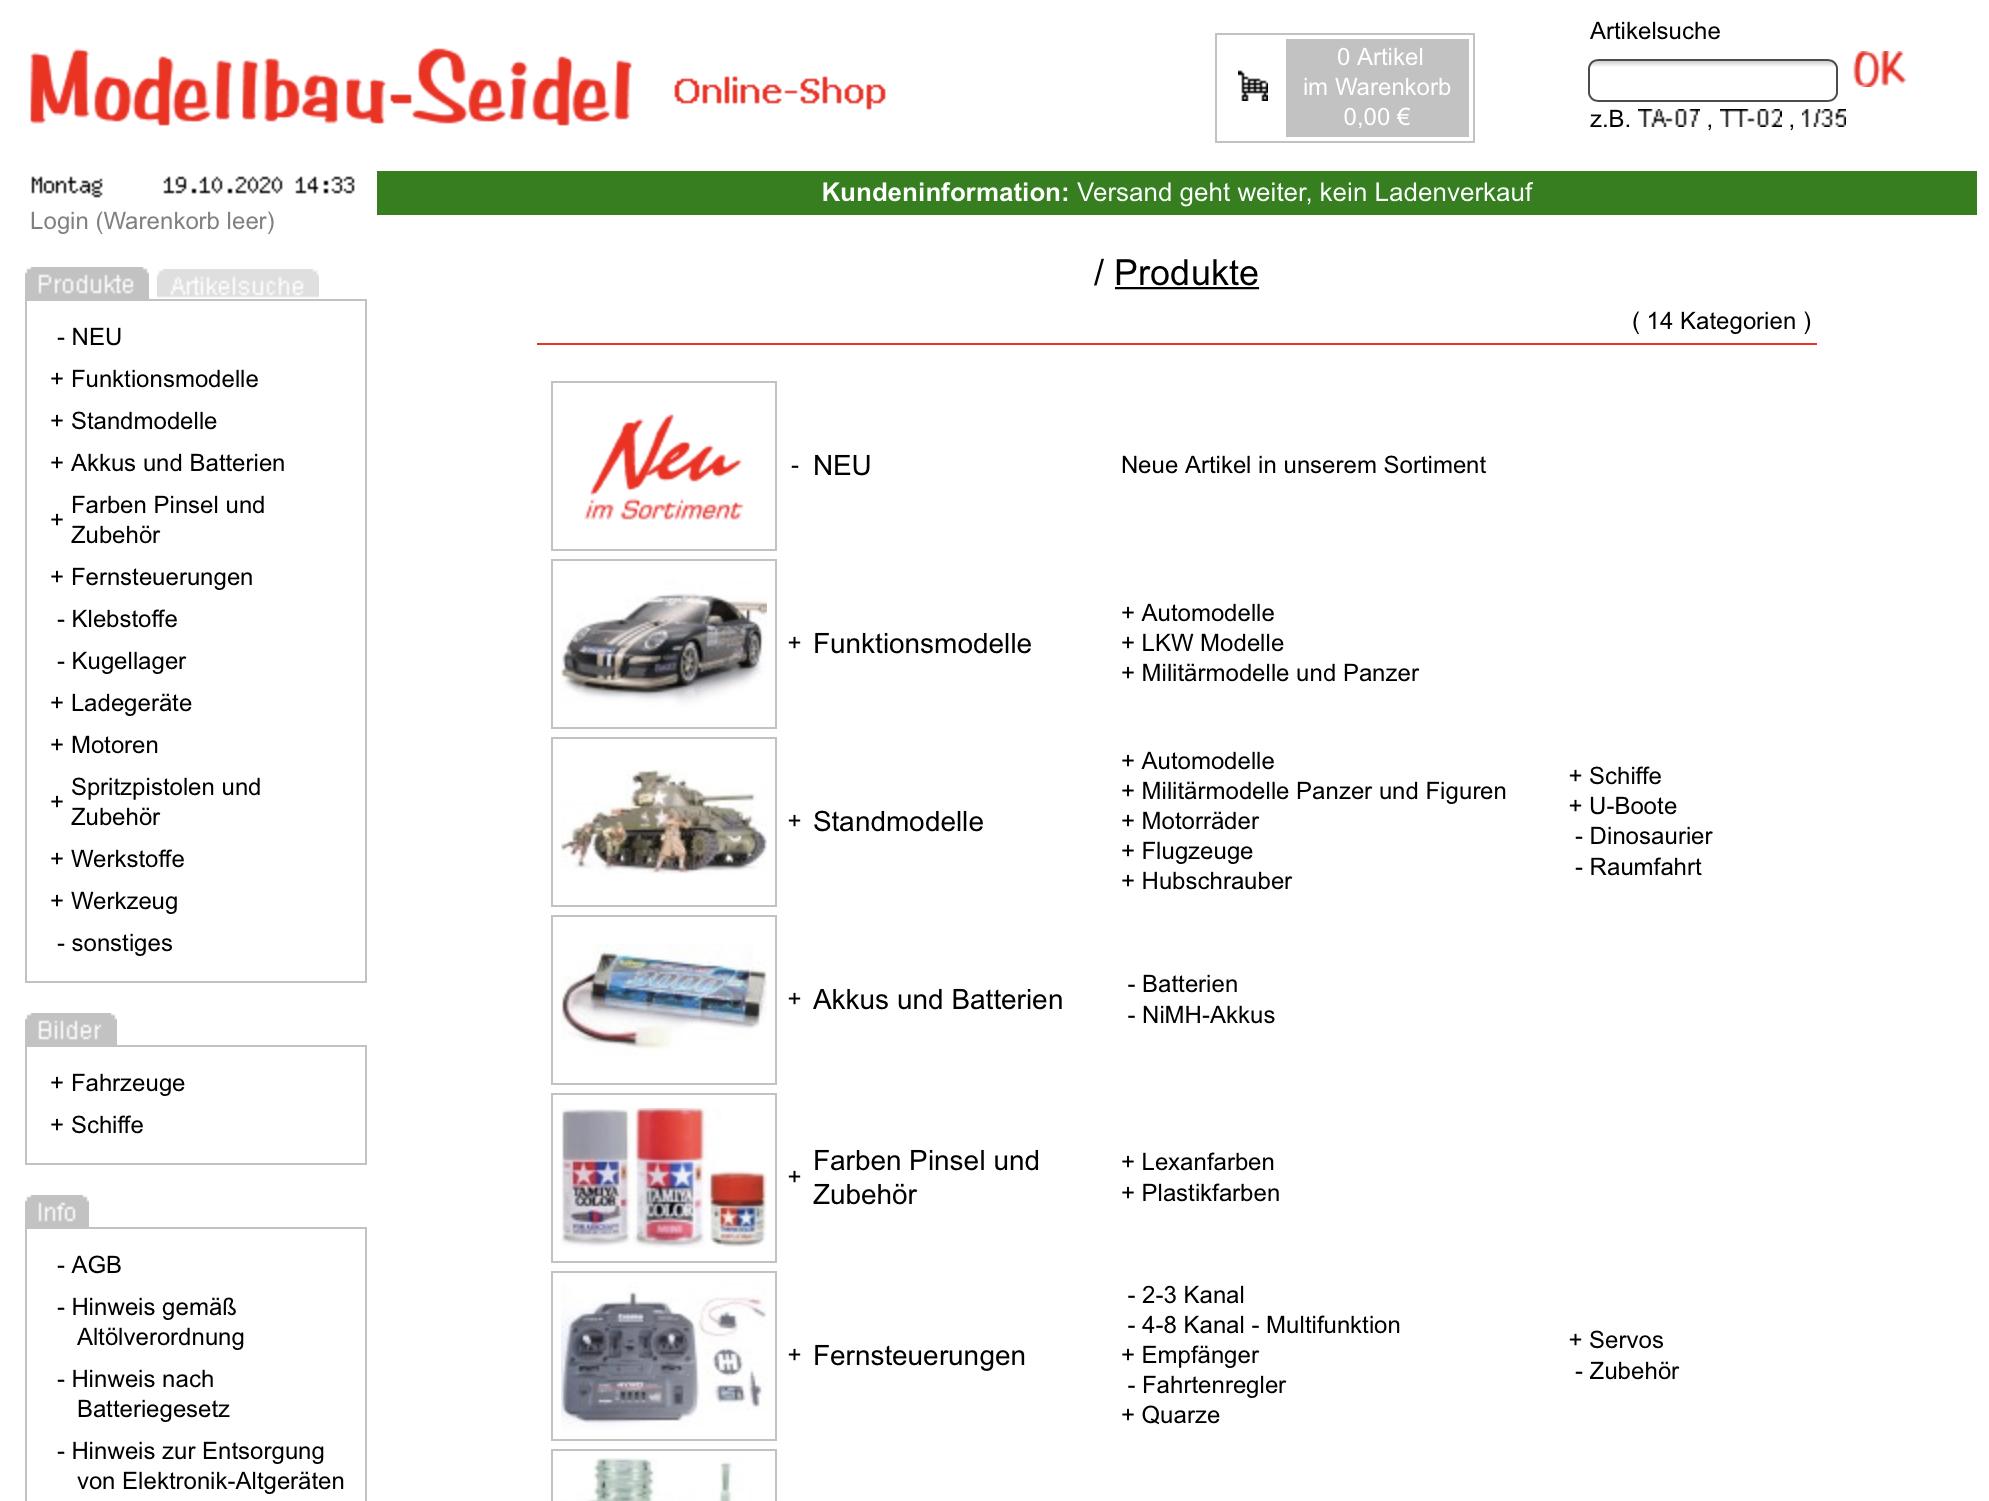 Modellbau Seidel